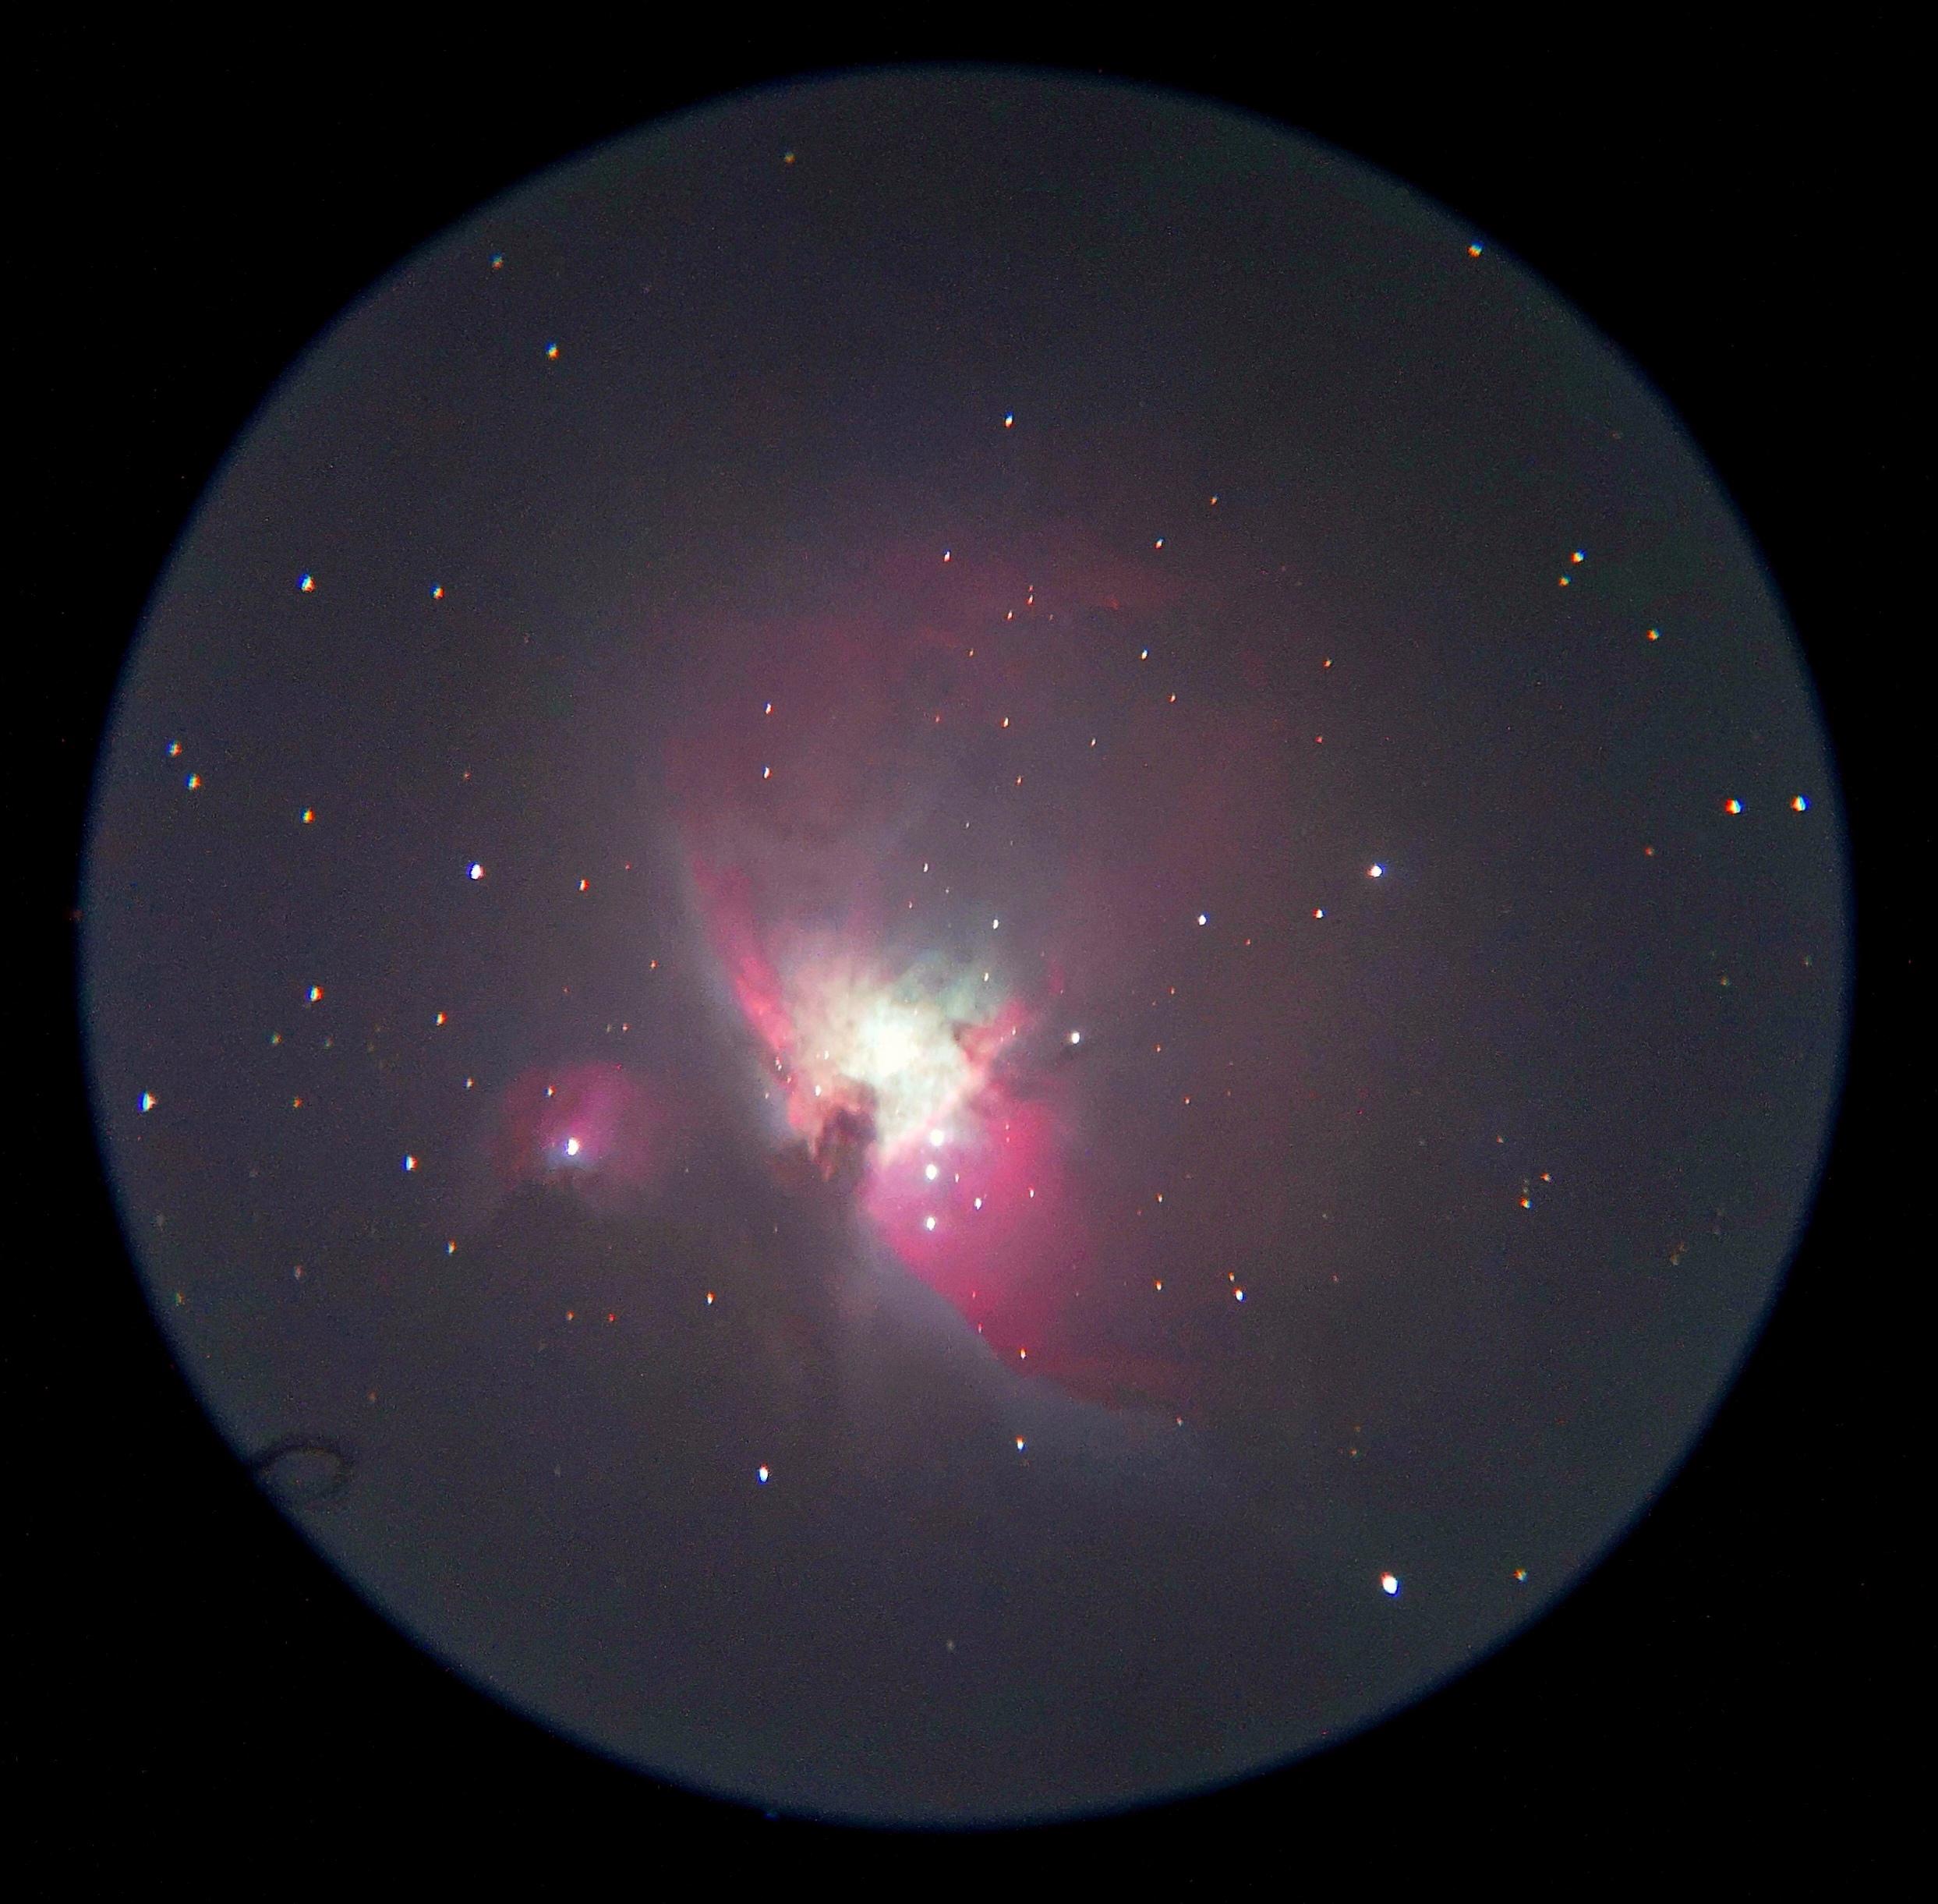 獵戶座大星雲.jpg